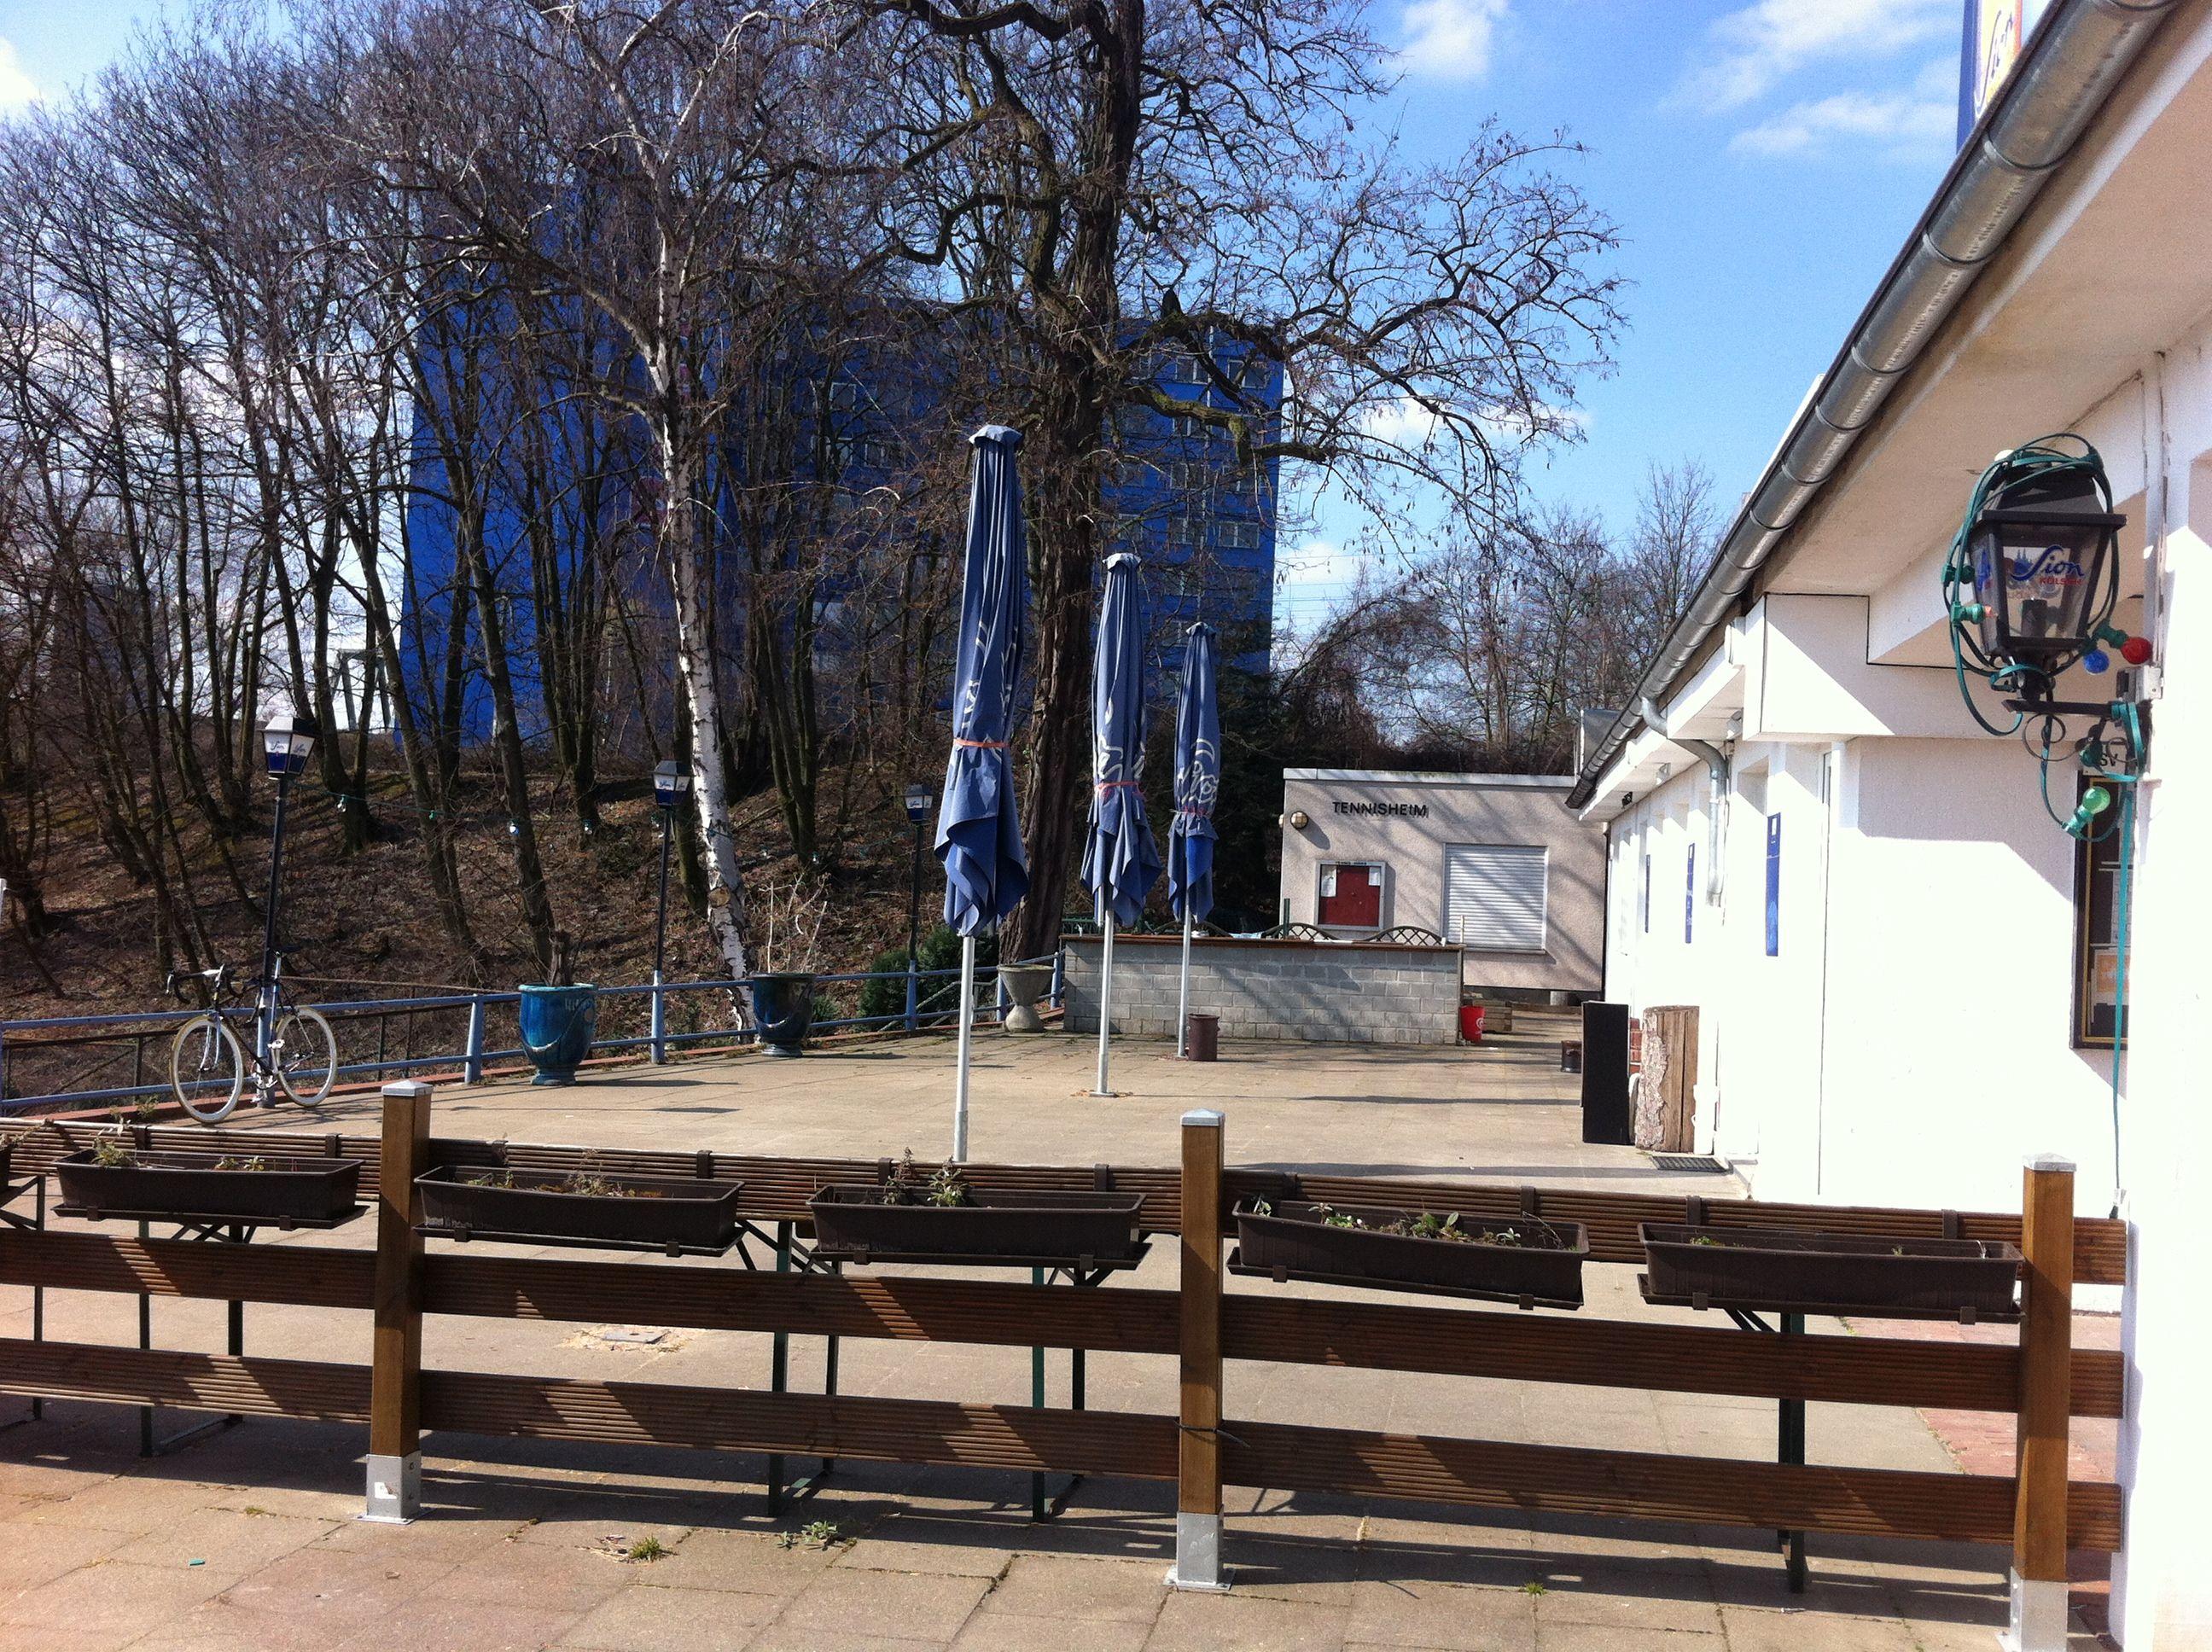 Nippes in Köln, Nordrhein-Westfalen, Lämmerstr. 11, Olympia im Gleisdreieck